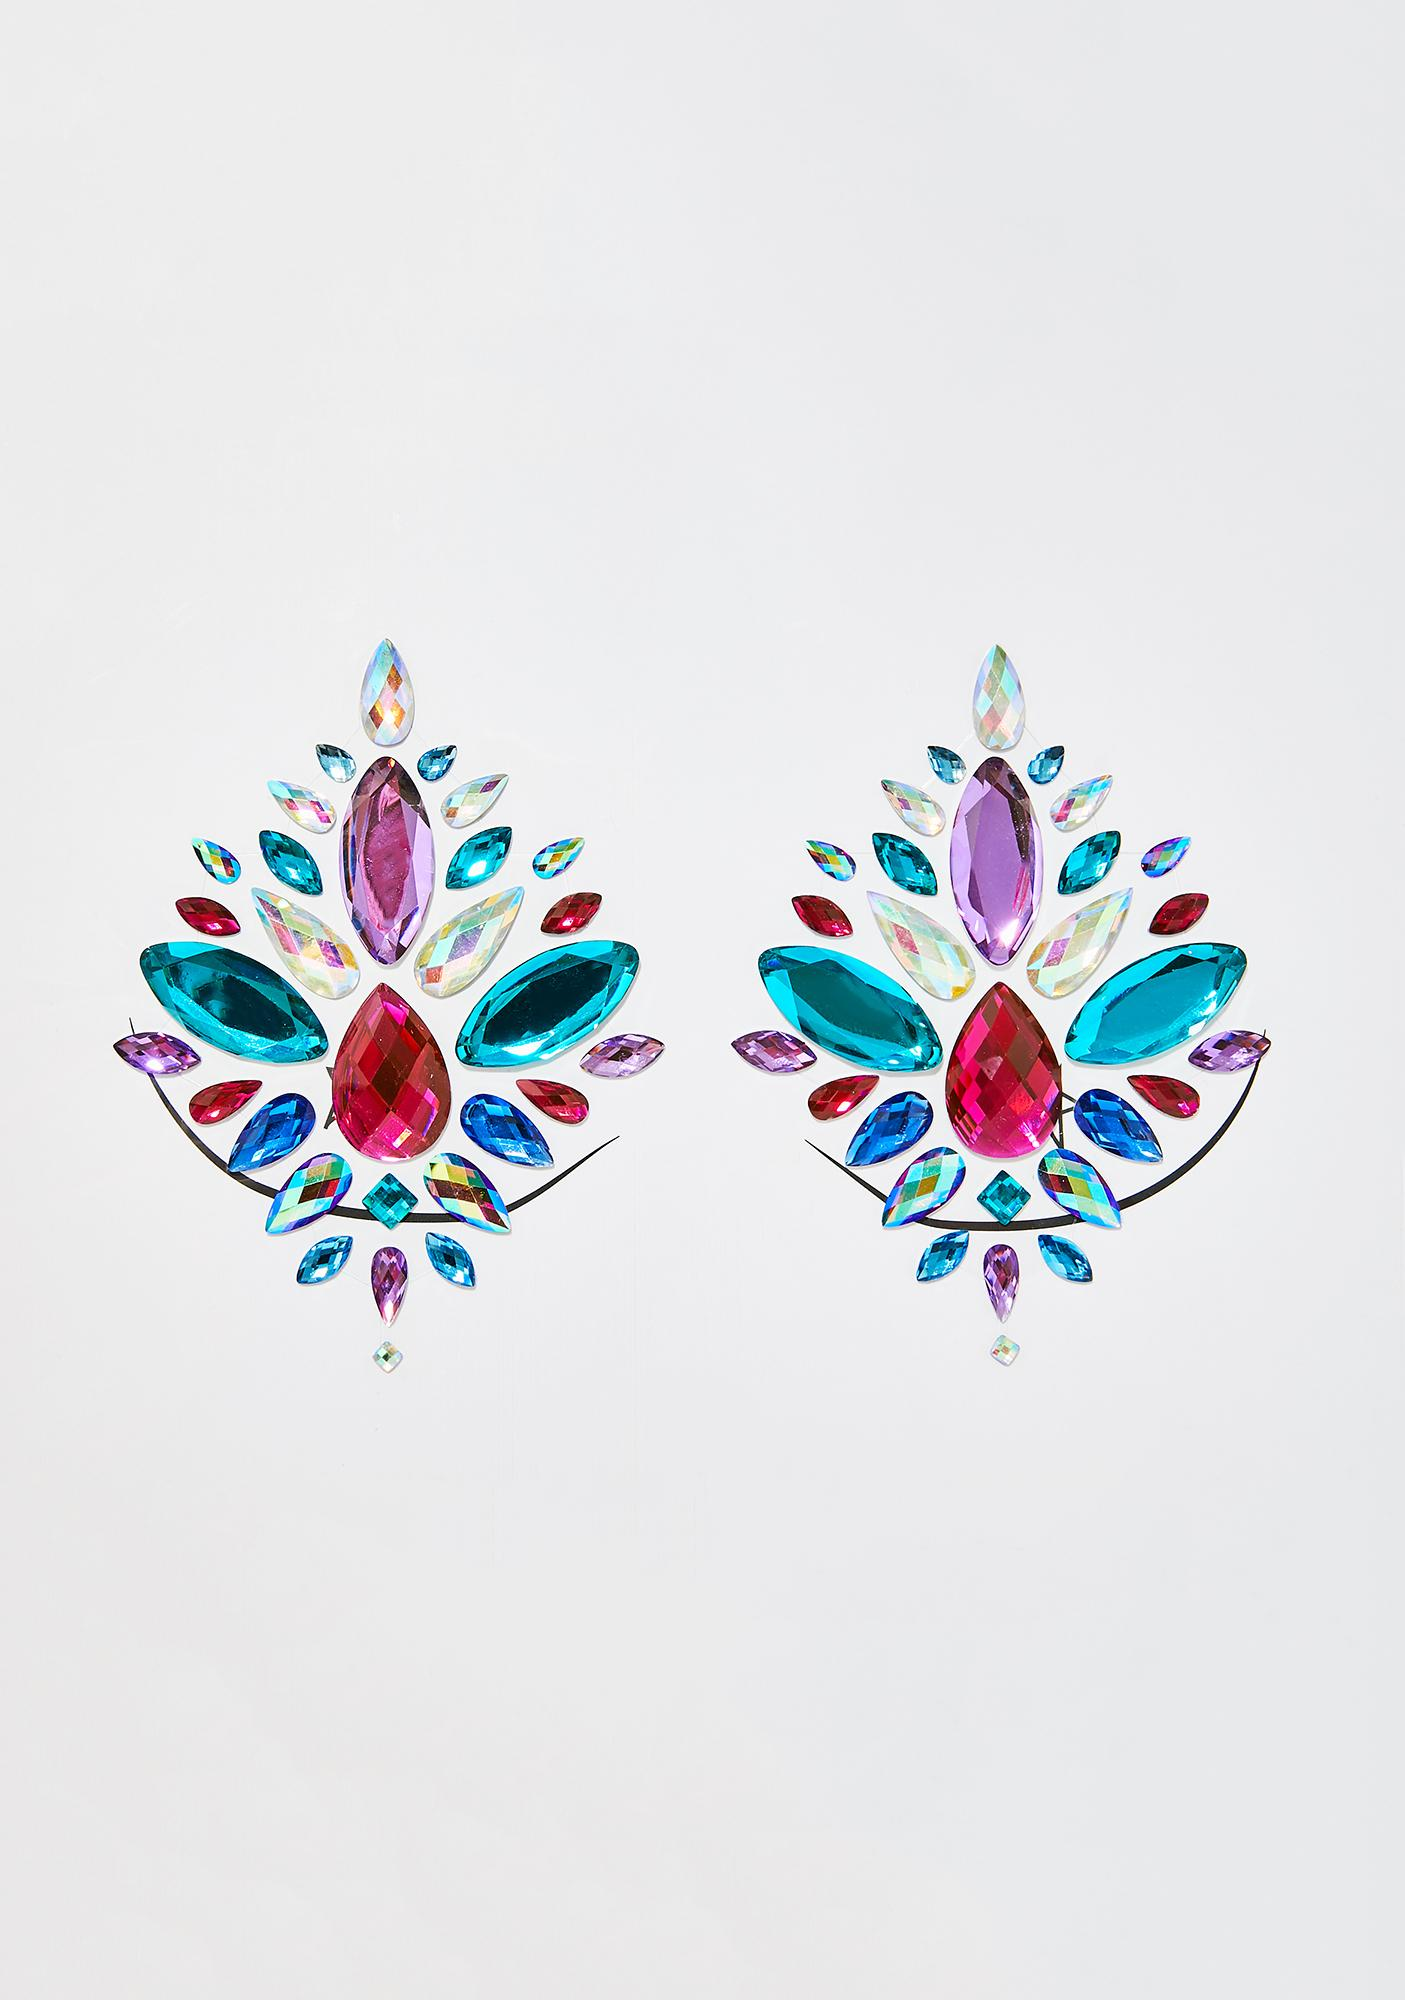 The Gypsy Shrine Confetti Rainbow Boob Jewels